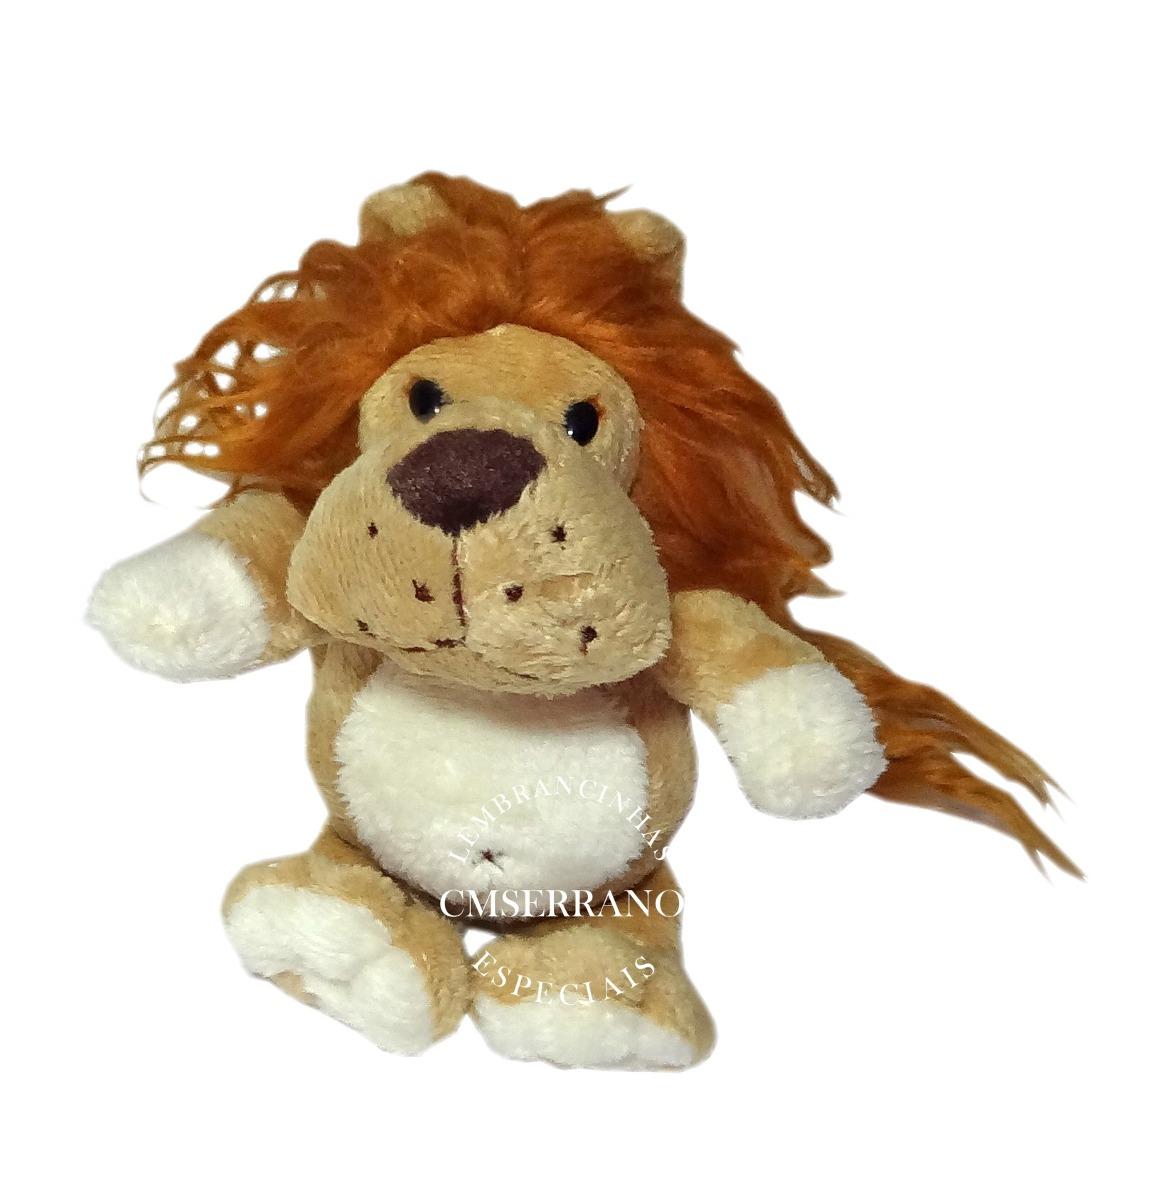 63c7f12f4 4 bichinhos pelúcia safari leão macaco onça tigre 16 cm. Carregando zoom.